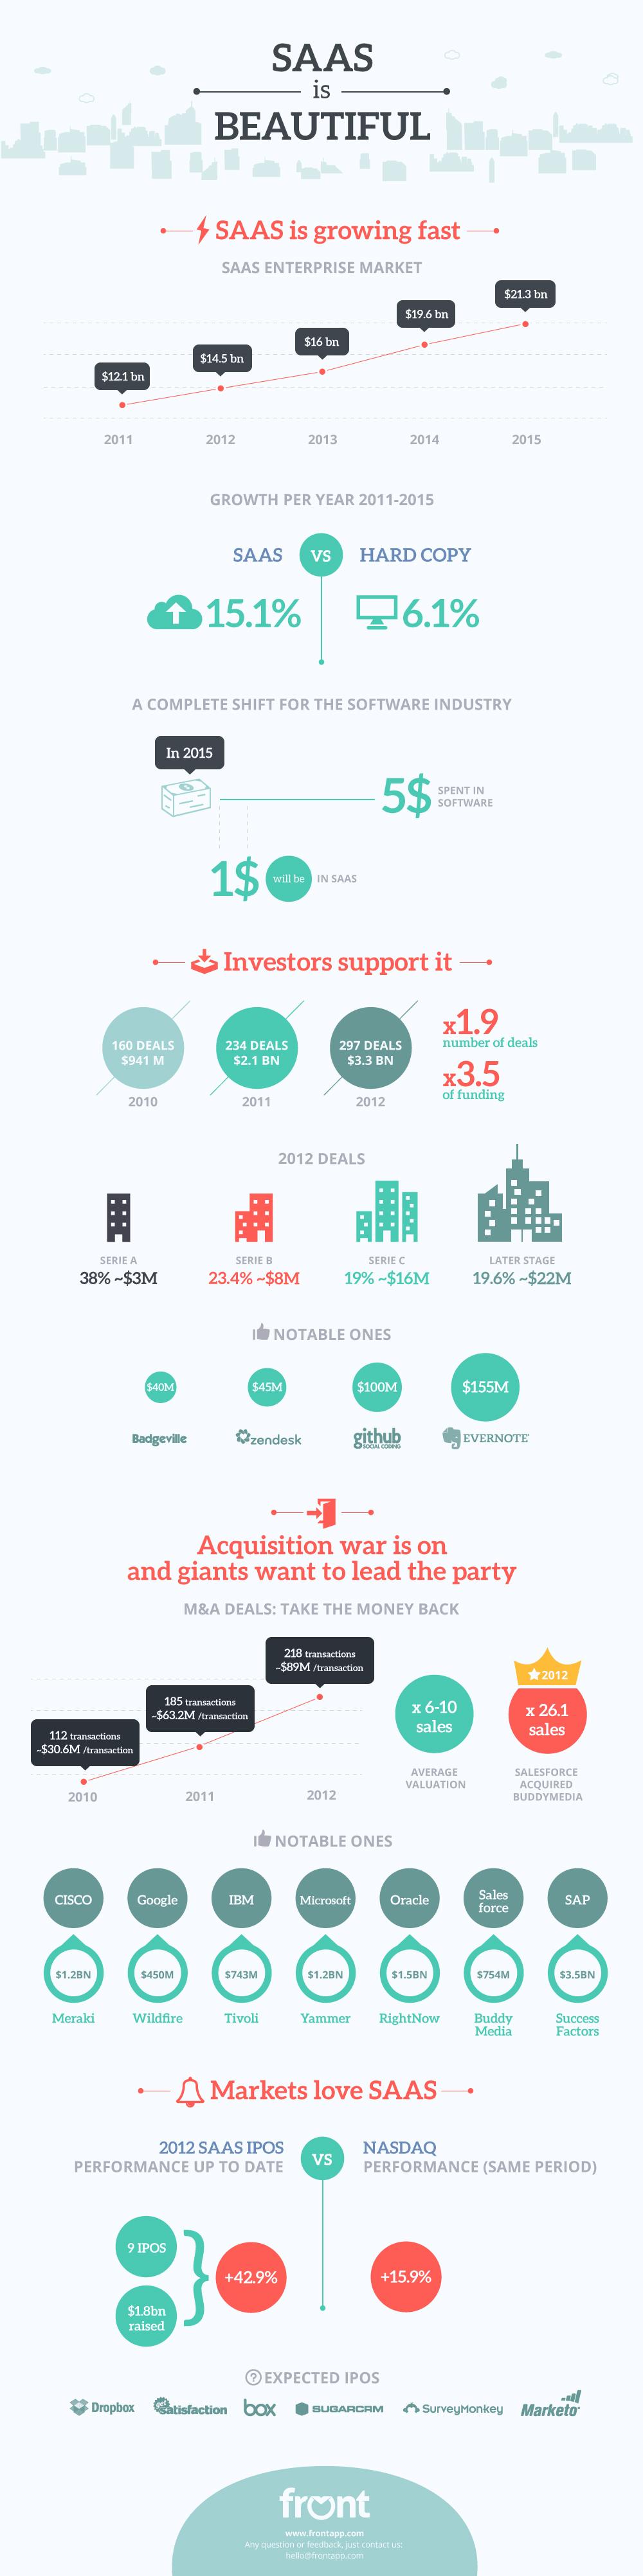 Une infographie sur le marché SaaS